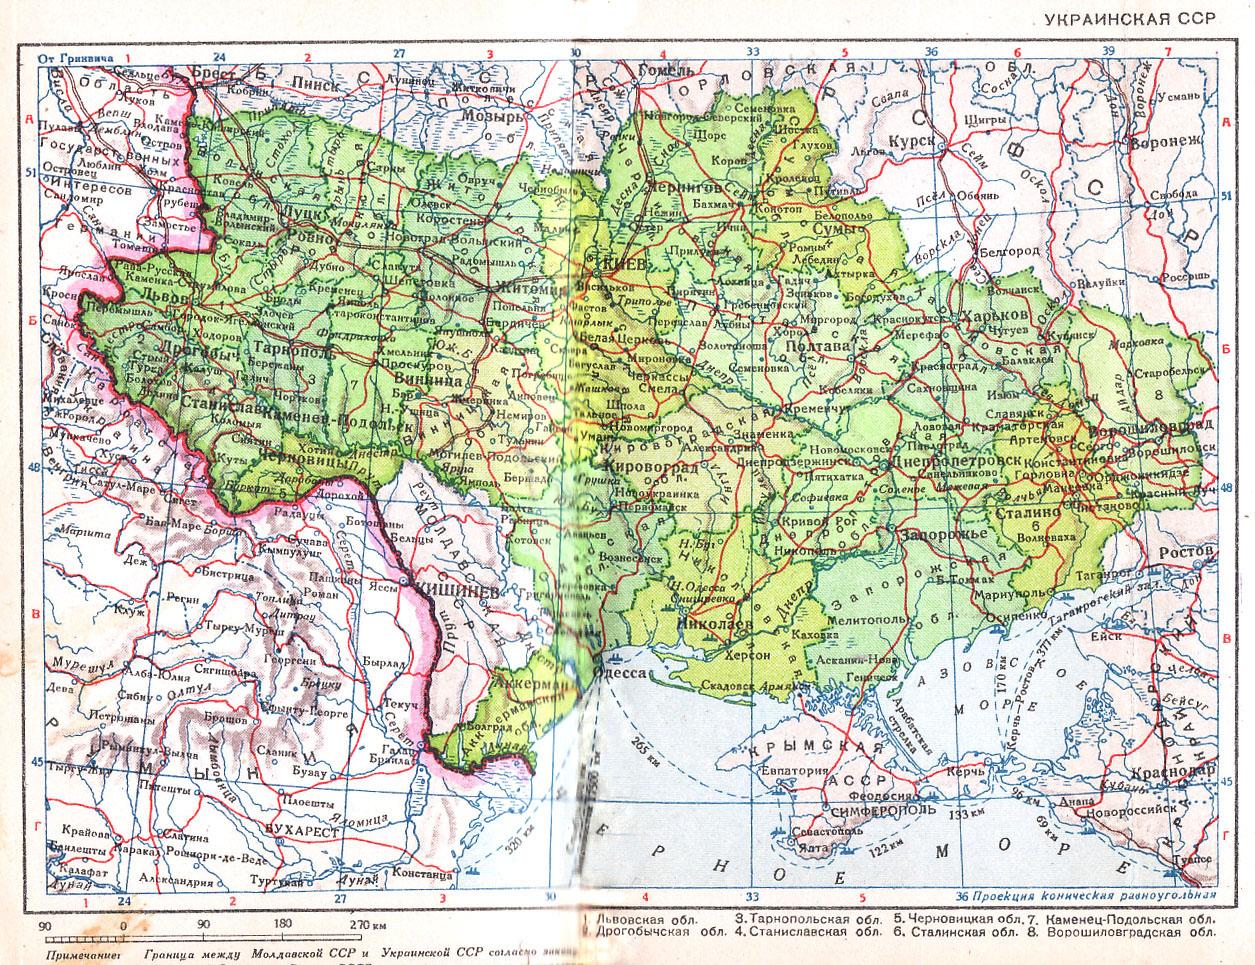 Файл:Ukrainian SSR 1940.jpg